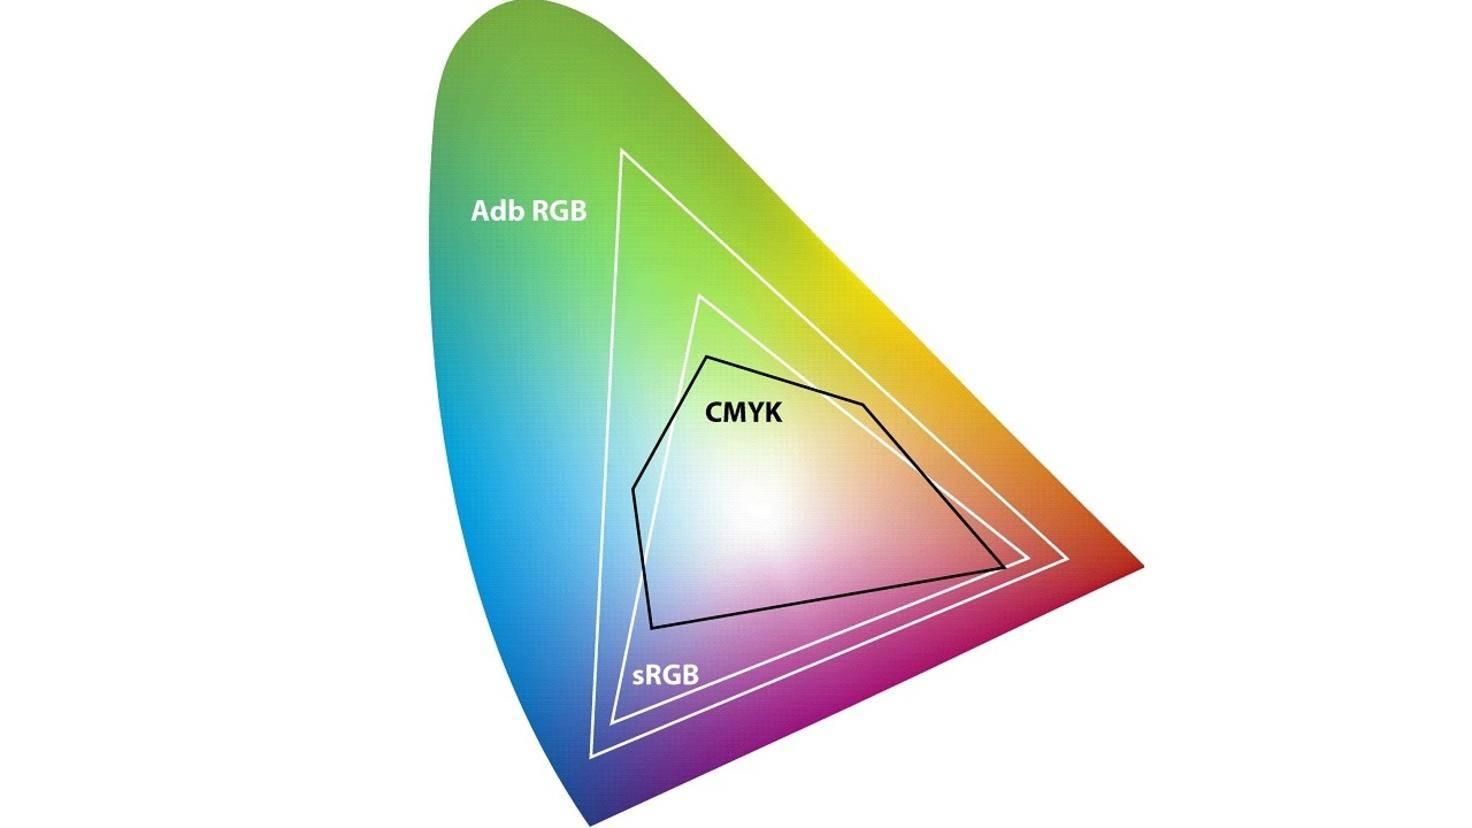 sRGB vs Adobe RGB Farmbraum